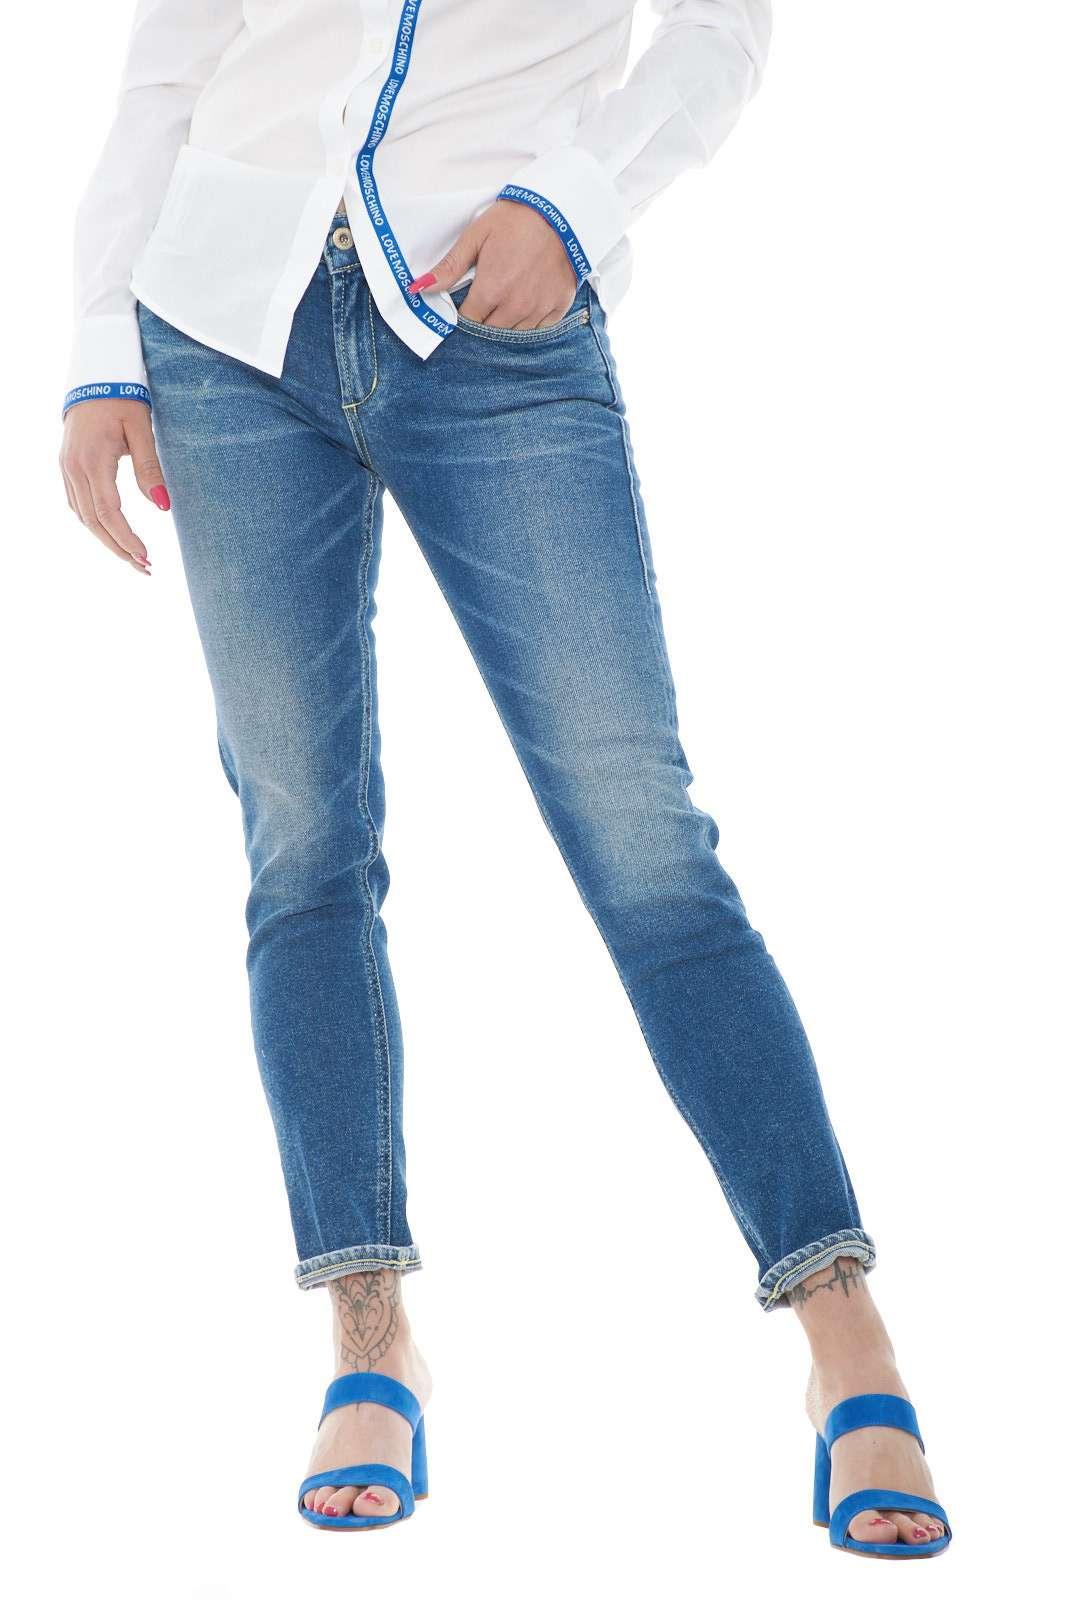 Un jeans skinny fit, per la donna che ama mettere in risalto forme e silhouette. L'ideale per outfit moderni e trendy, con abbinamenti all'avanguardia e adatti ad ogni evenienza, dal lavoro, al tempo libero. Un passepartout di stili.